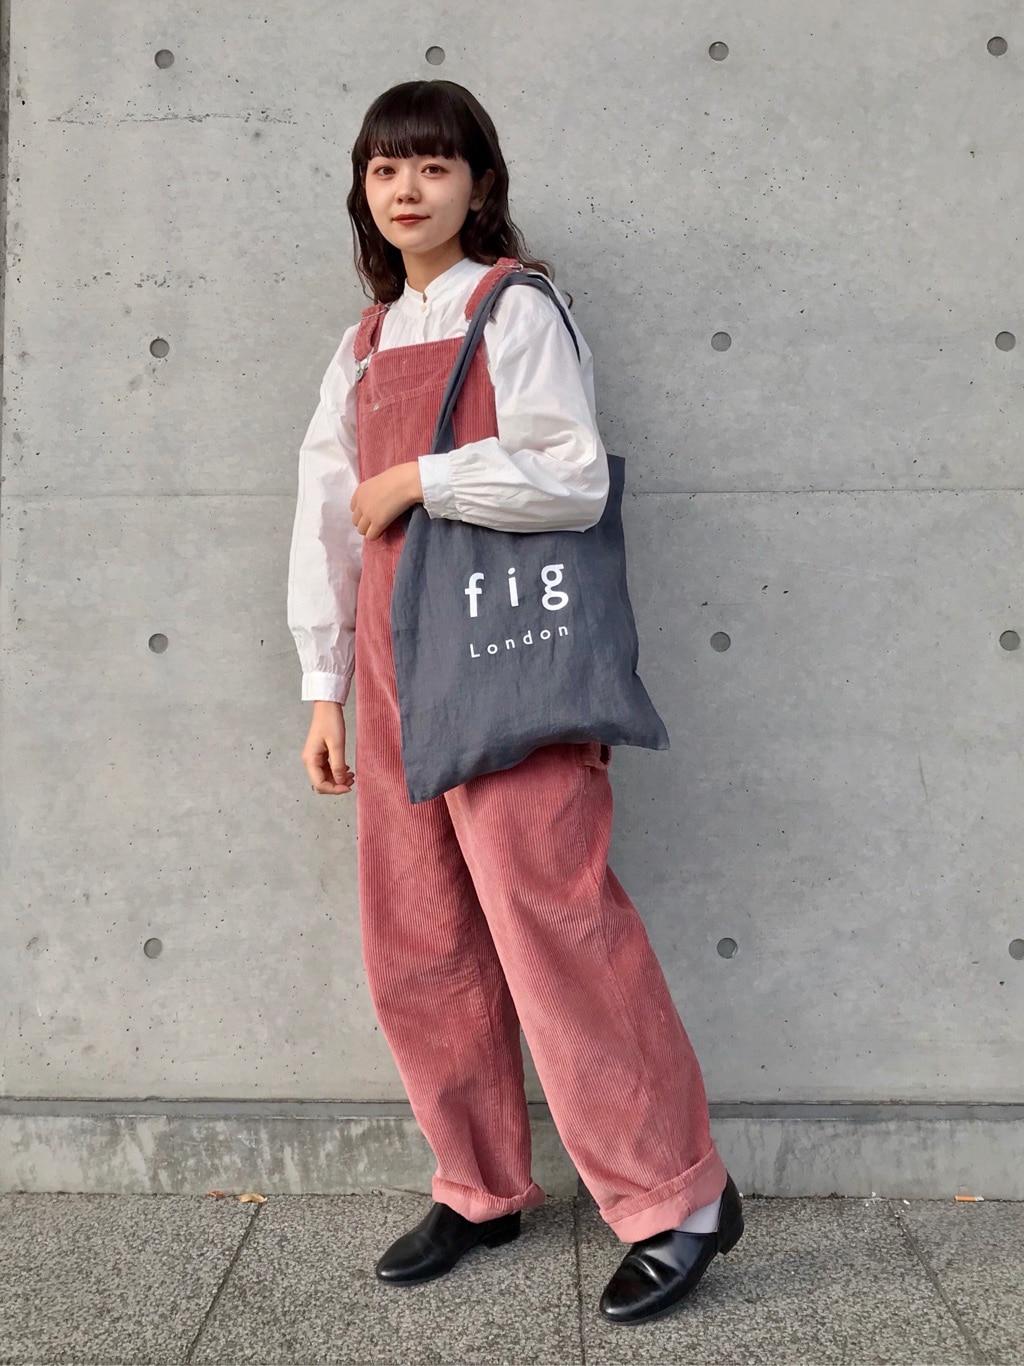 l'atelier du savon 東京スカイツリータウン・ソラマチ 身長:154cm 2020.10.19